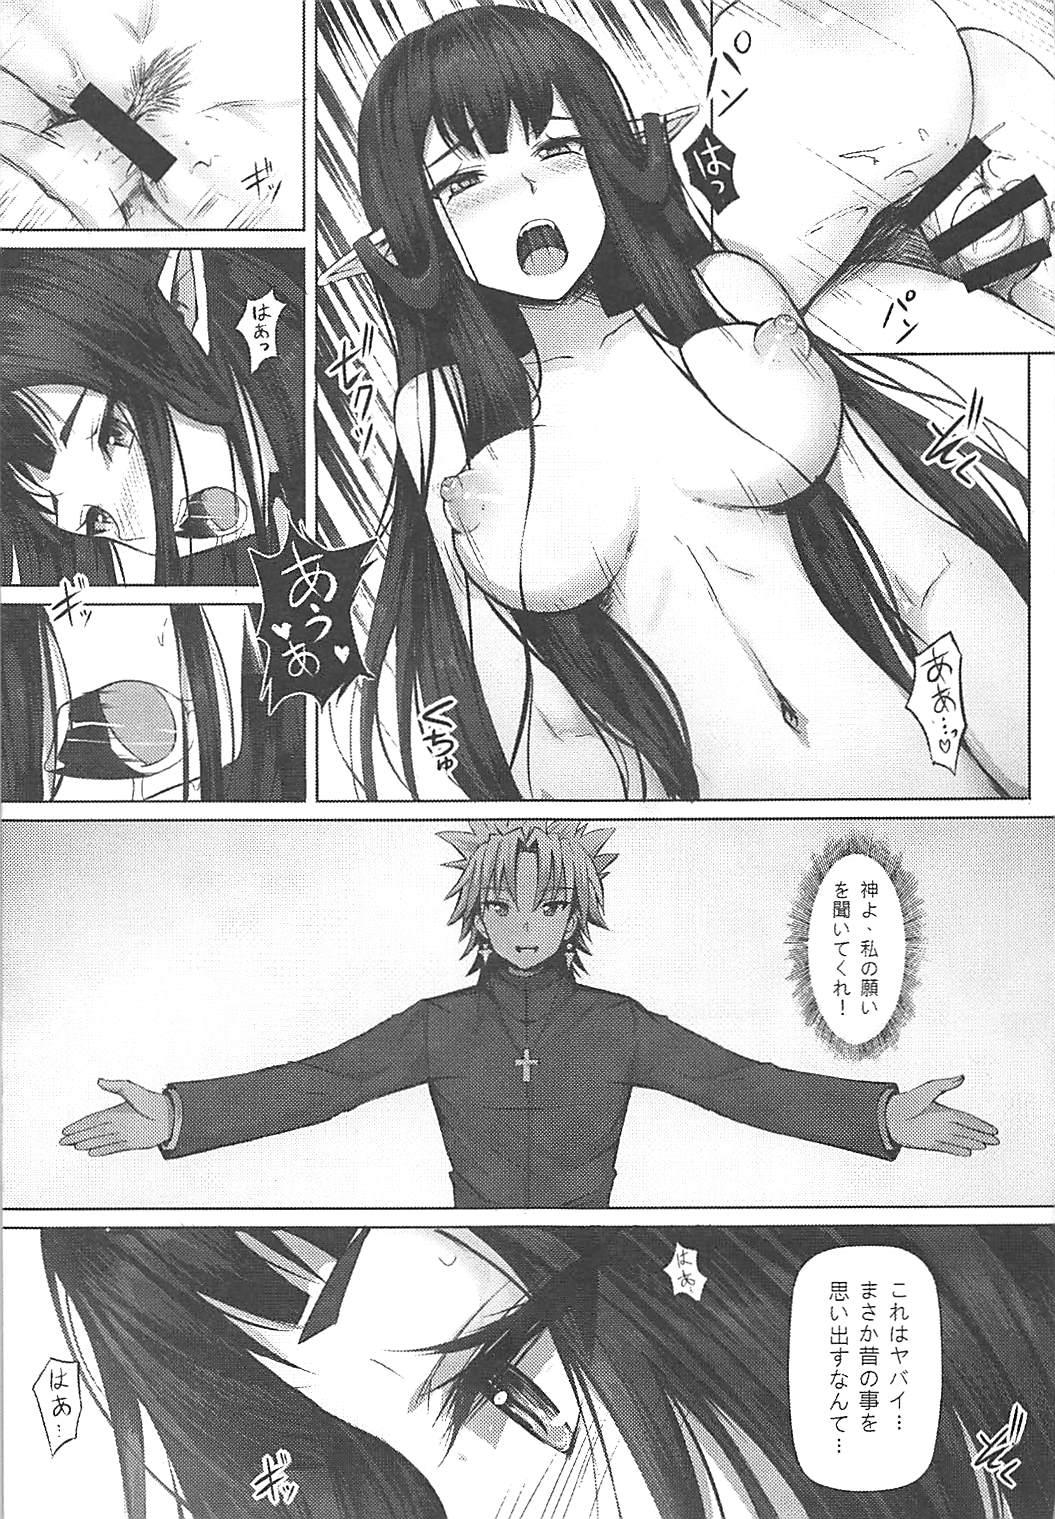 【エロ同人誌 Fate Apocrypha】セミラミスに薬漬けにされて逆レイプされるアストルフォwww【無料 エロ漫画】 (13)